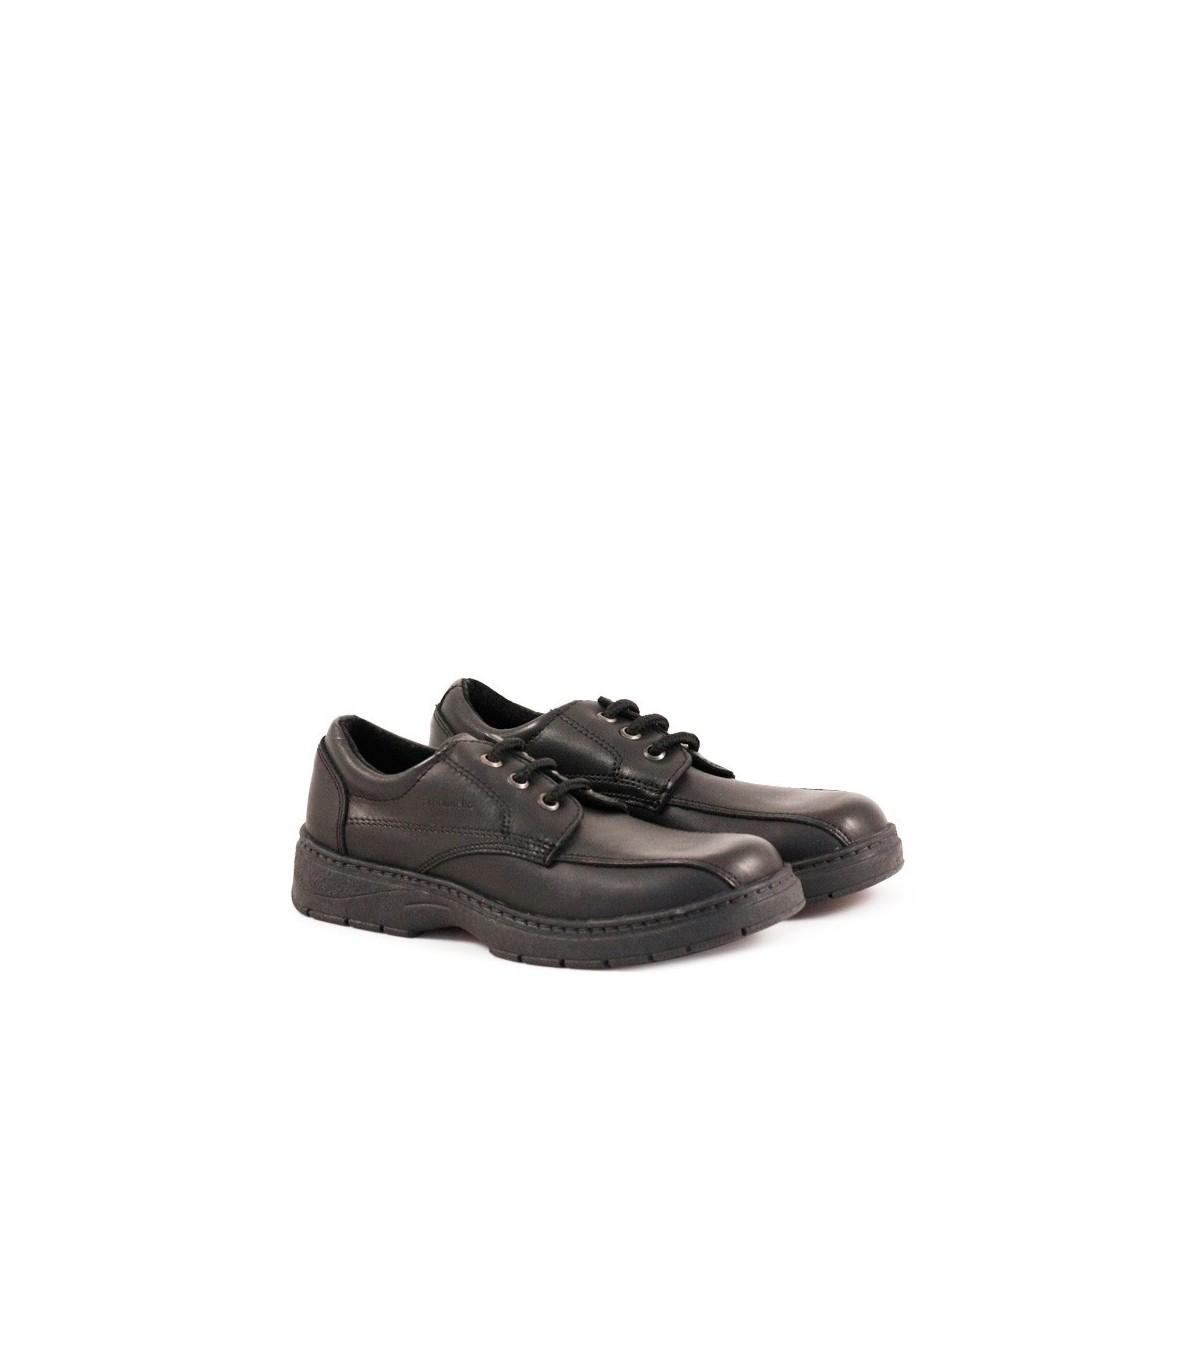 ec4e4733193 Zapatos colegiales de cuero en Batistella.com.ar